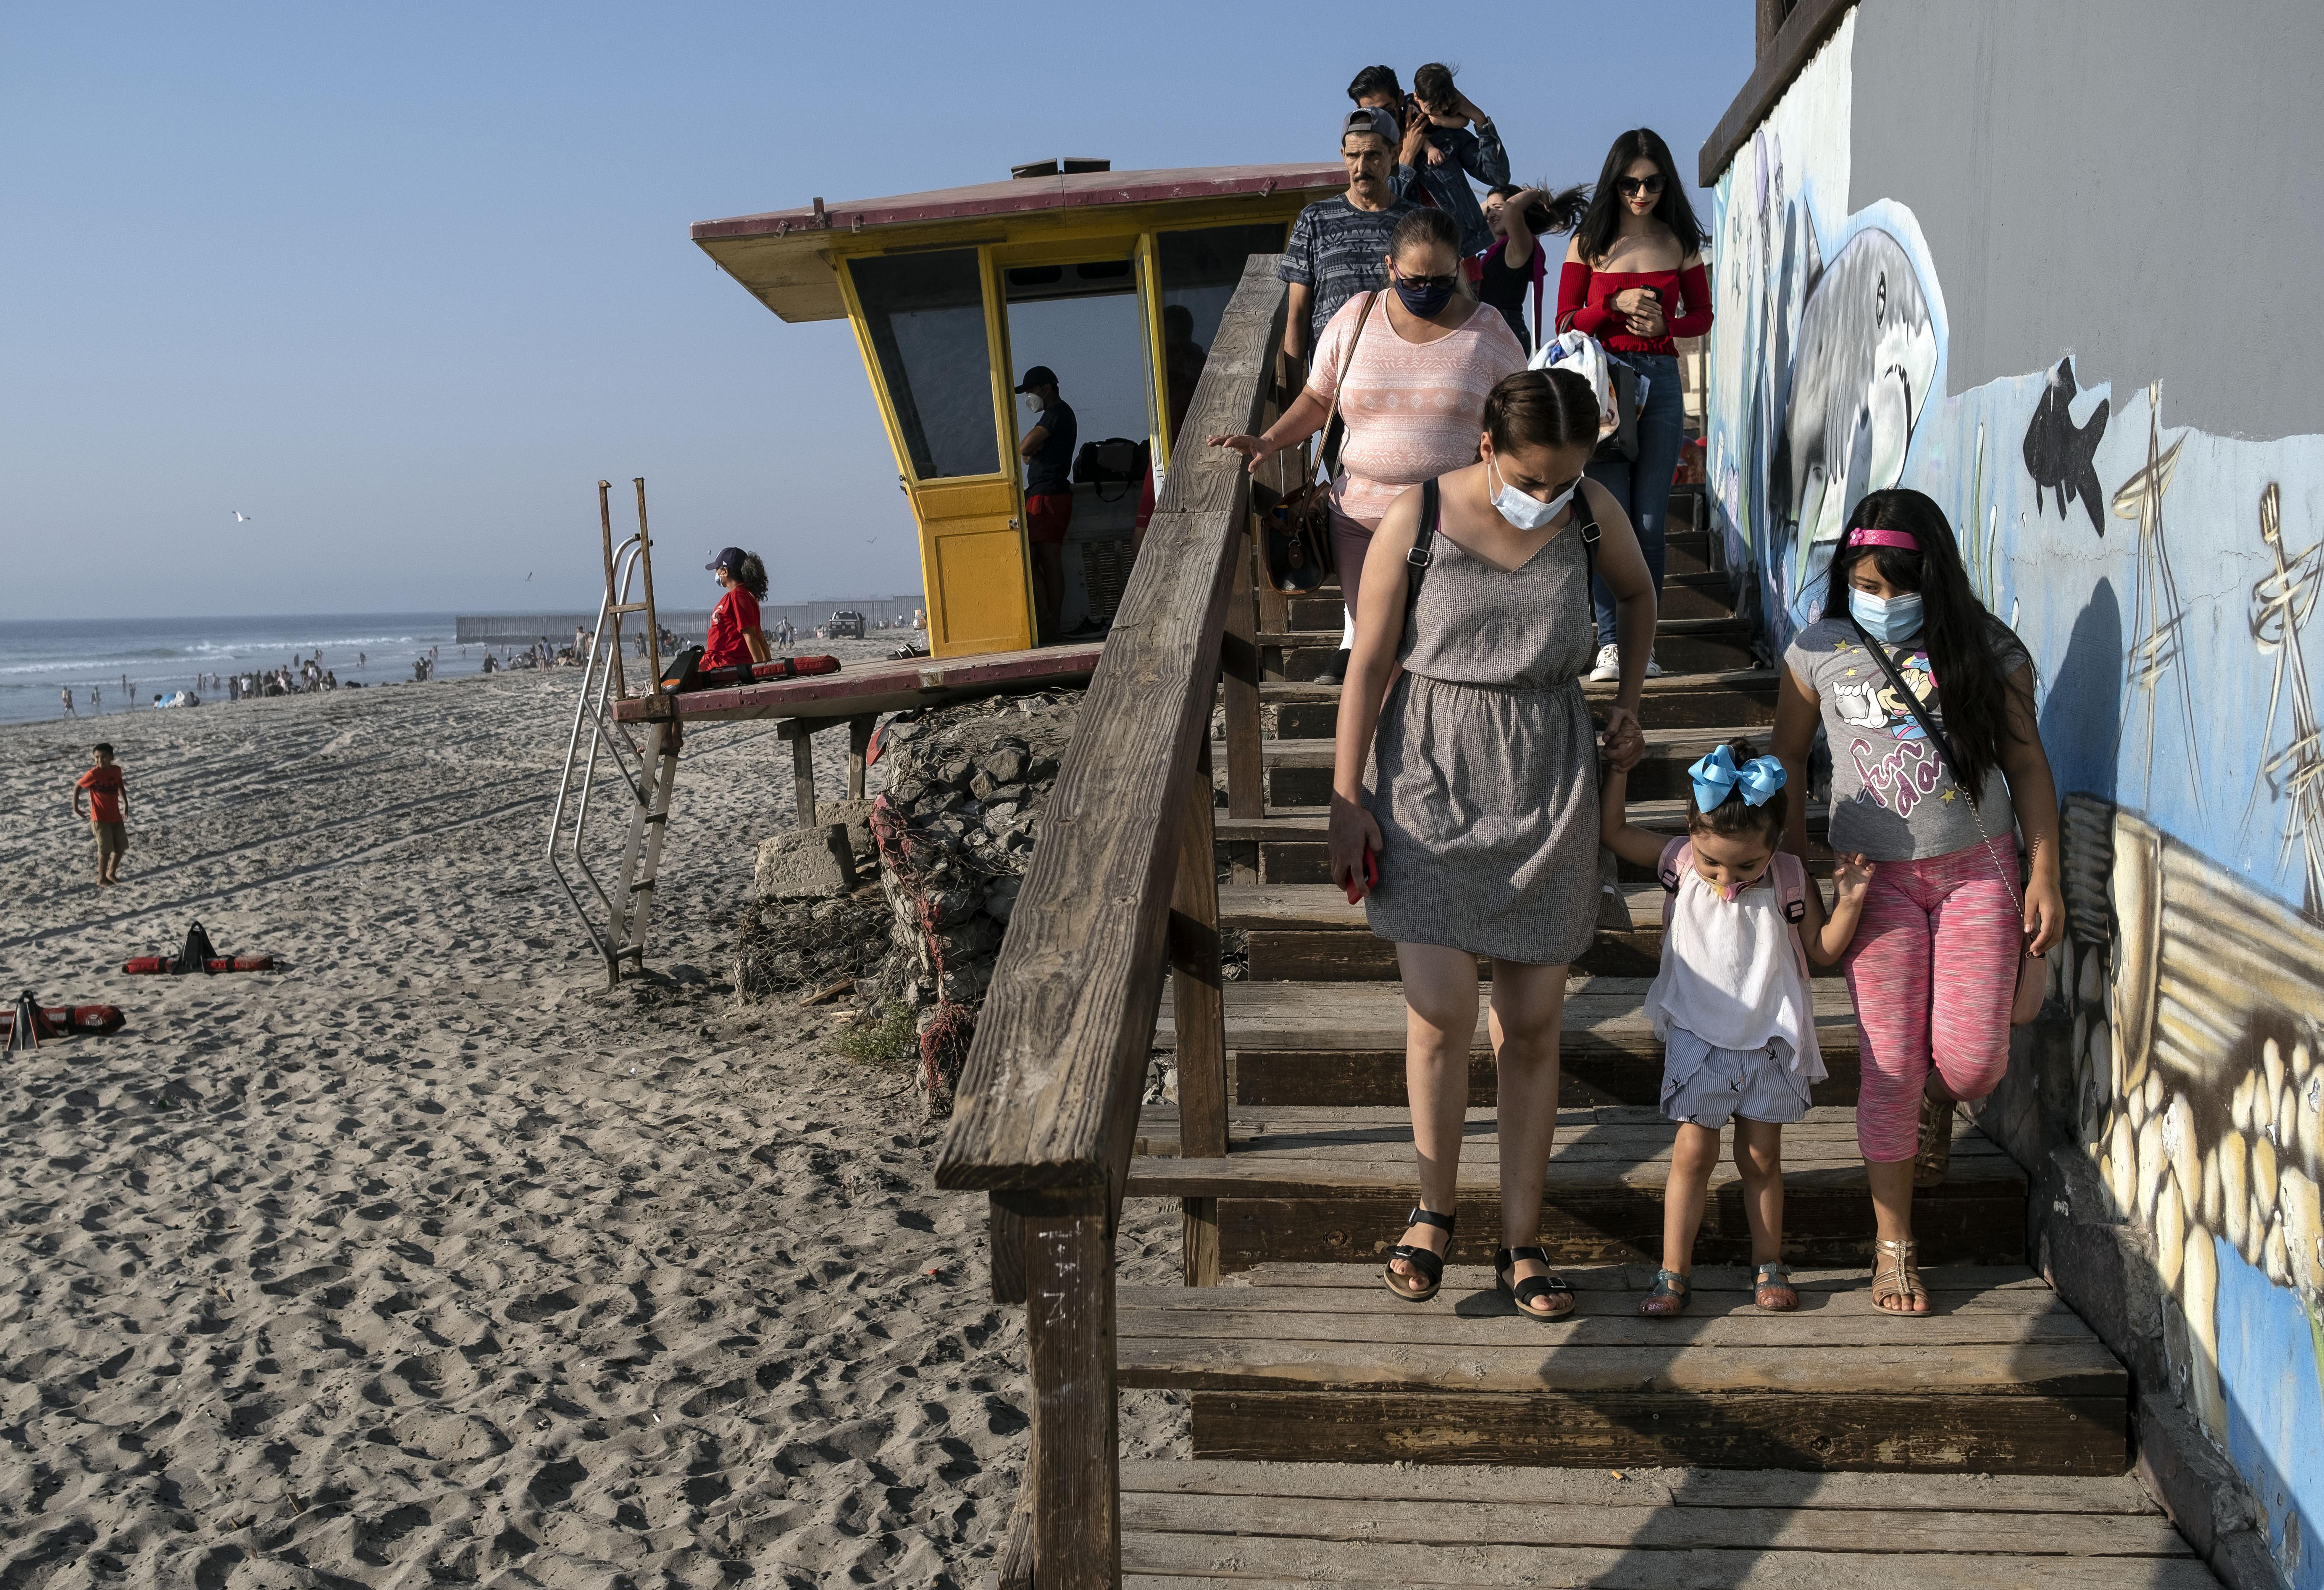 La gente camina hacia la playa en Playas de Tijuana cerca de la frontera entre Estados Unidos y México en Tijuana, estado de Baja California, México, el 3 de octubre de 2020, en medio de la pandemia del coronavirus COVID-19.